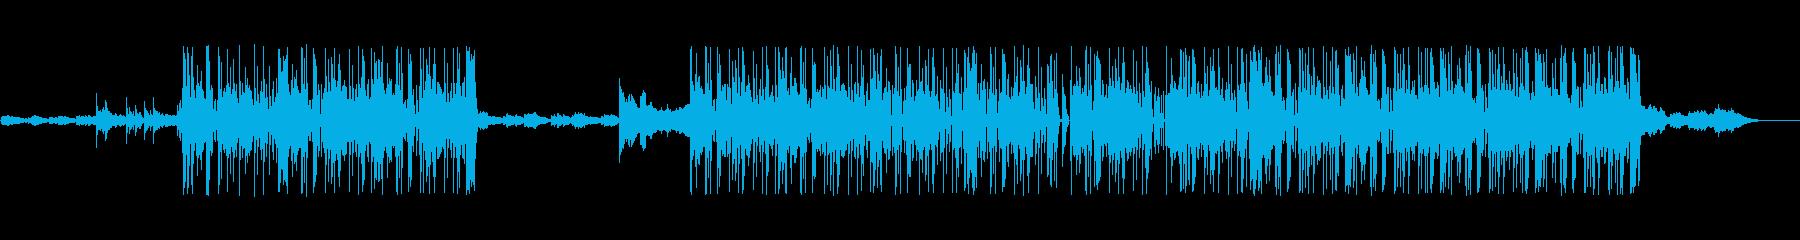 綺麗なコードのキーボードが印象的なビートの再生済みの波形